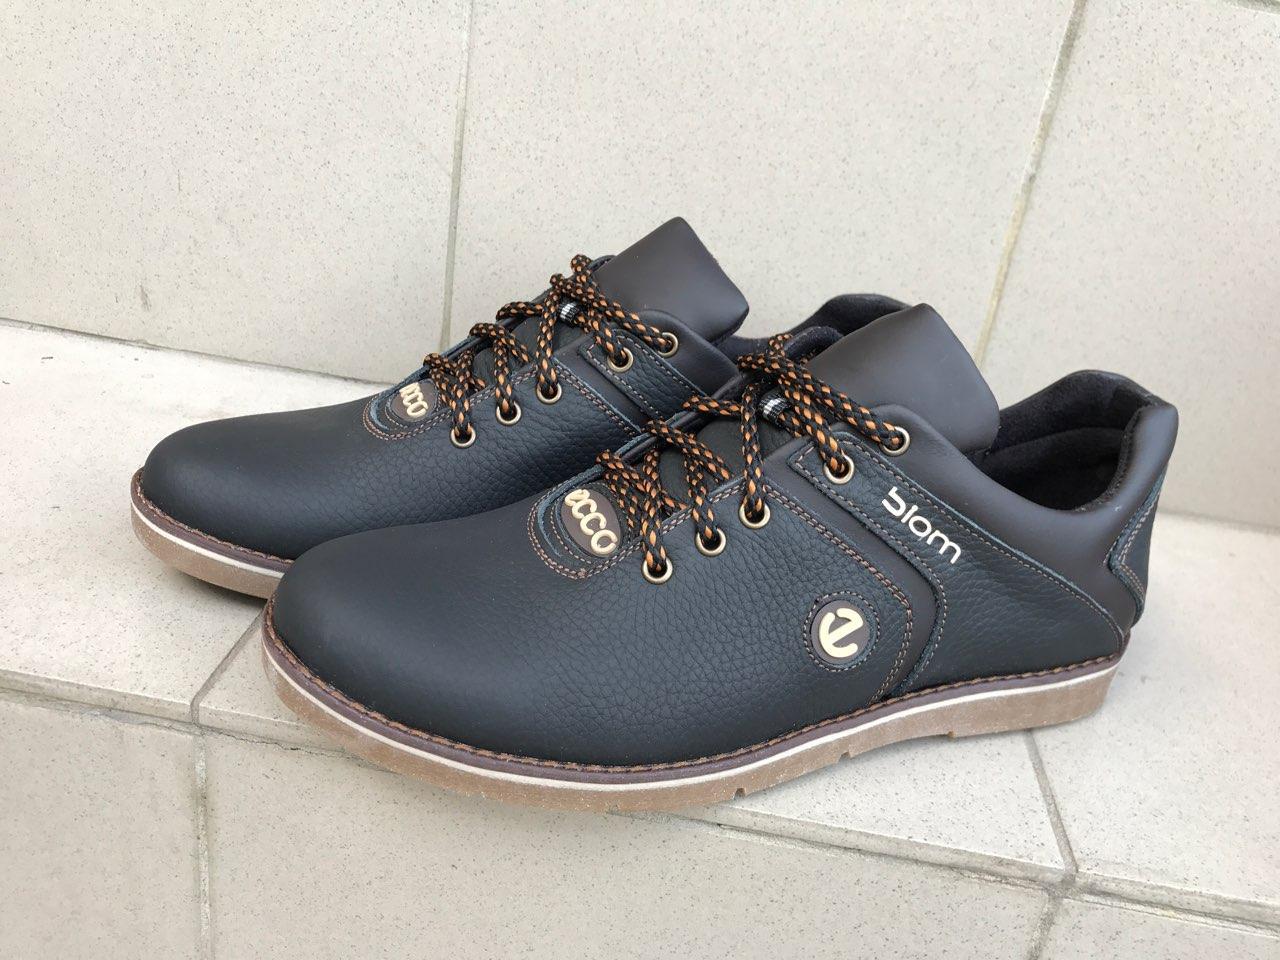 2a6a8ae9 Мужские кожаные туфли кроссовки Ecco экко черные - Первый обувный Харьков в  Харькове